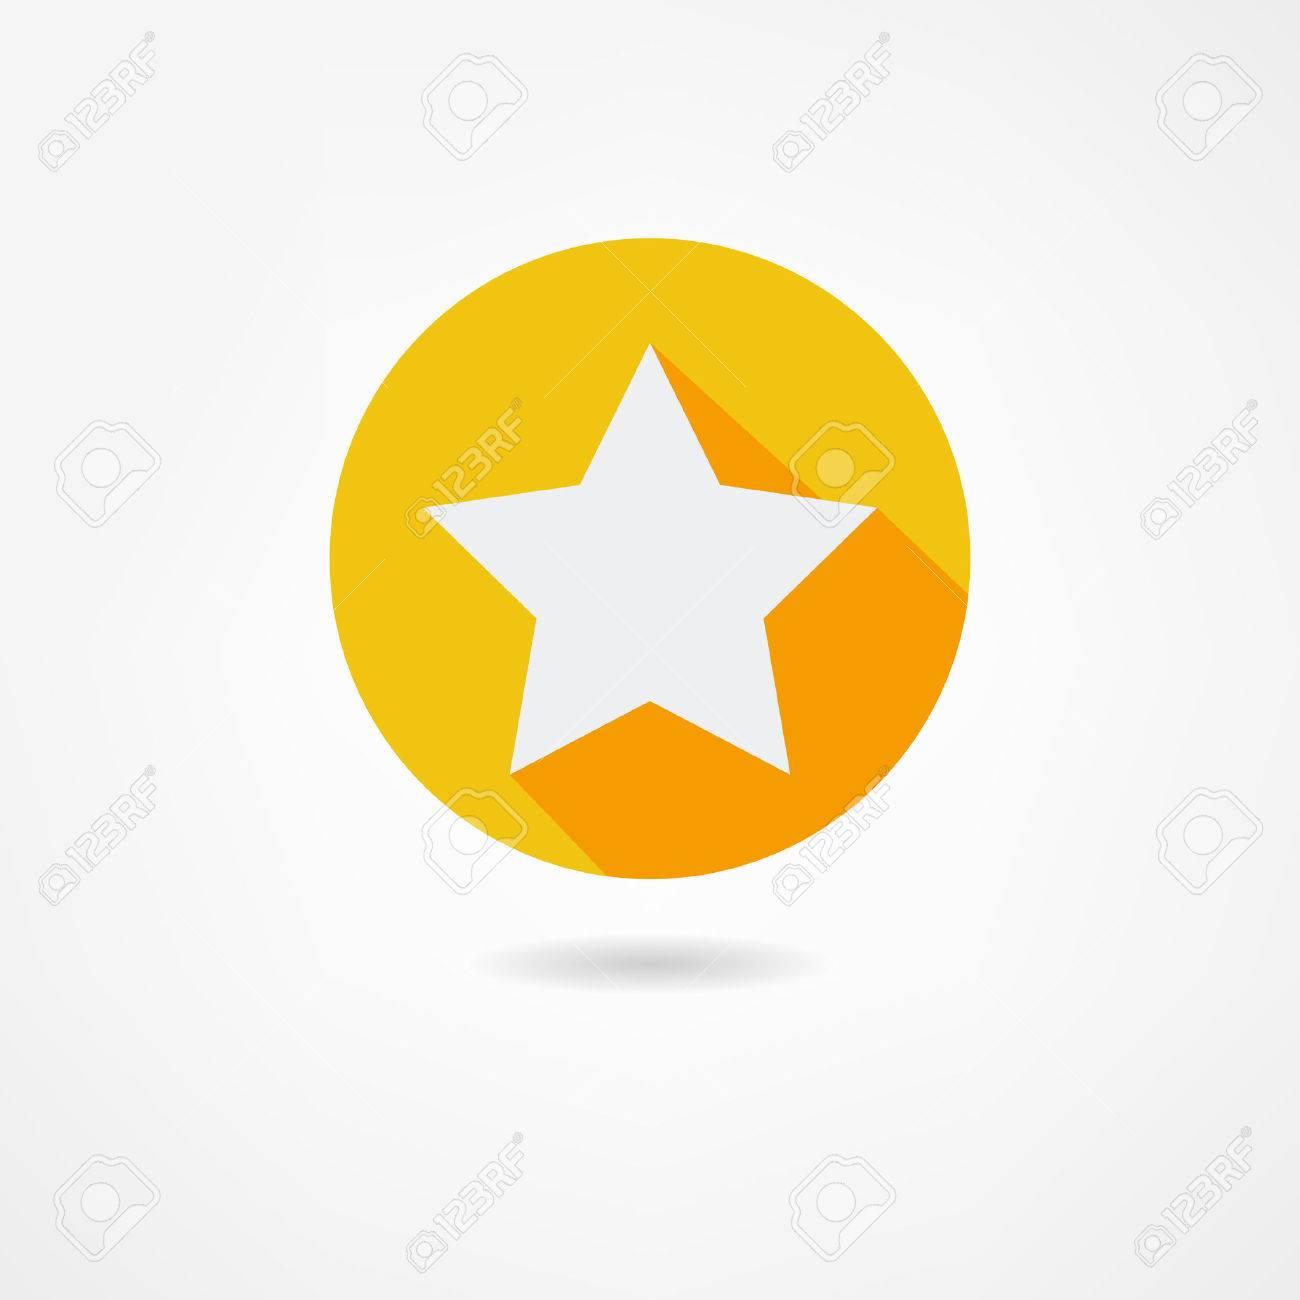 star icon Standard-Bild - 22866633